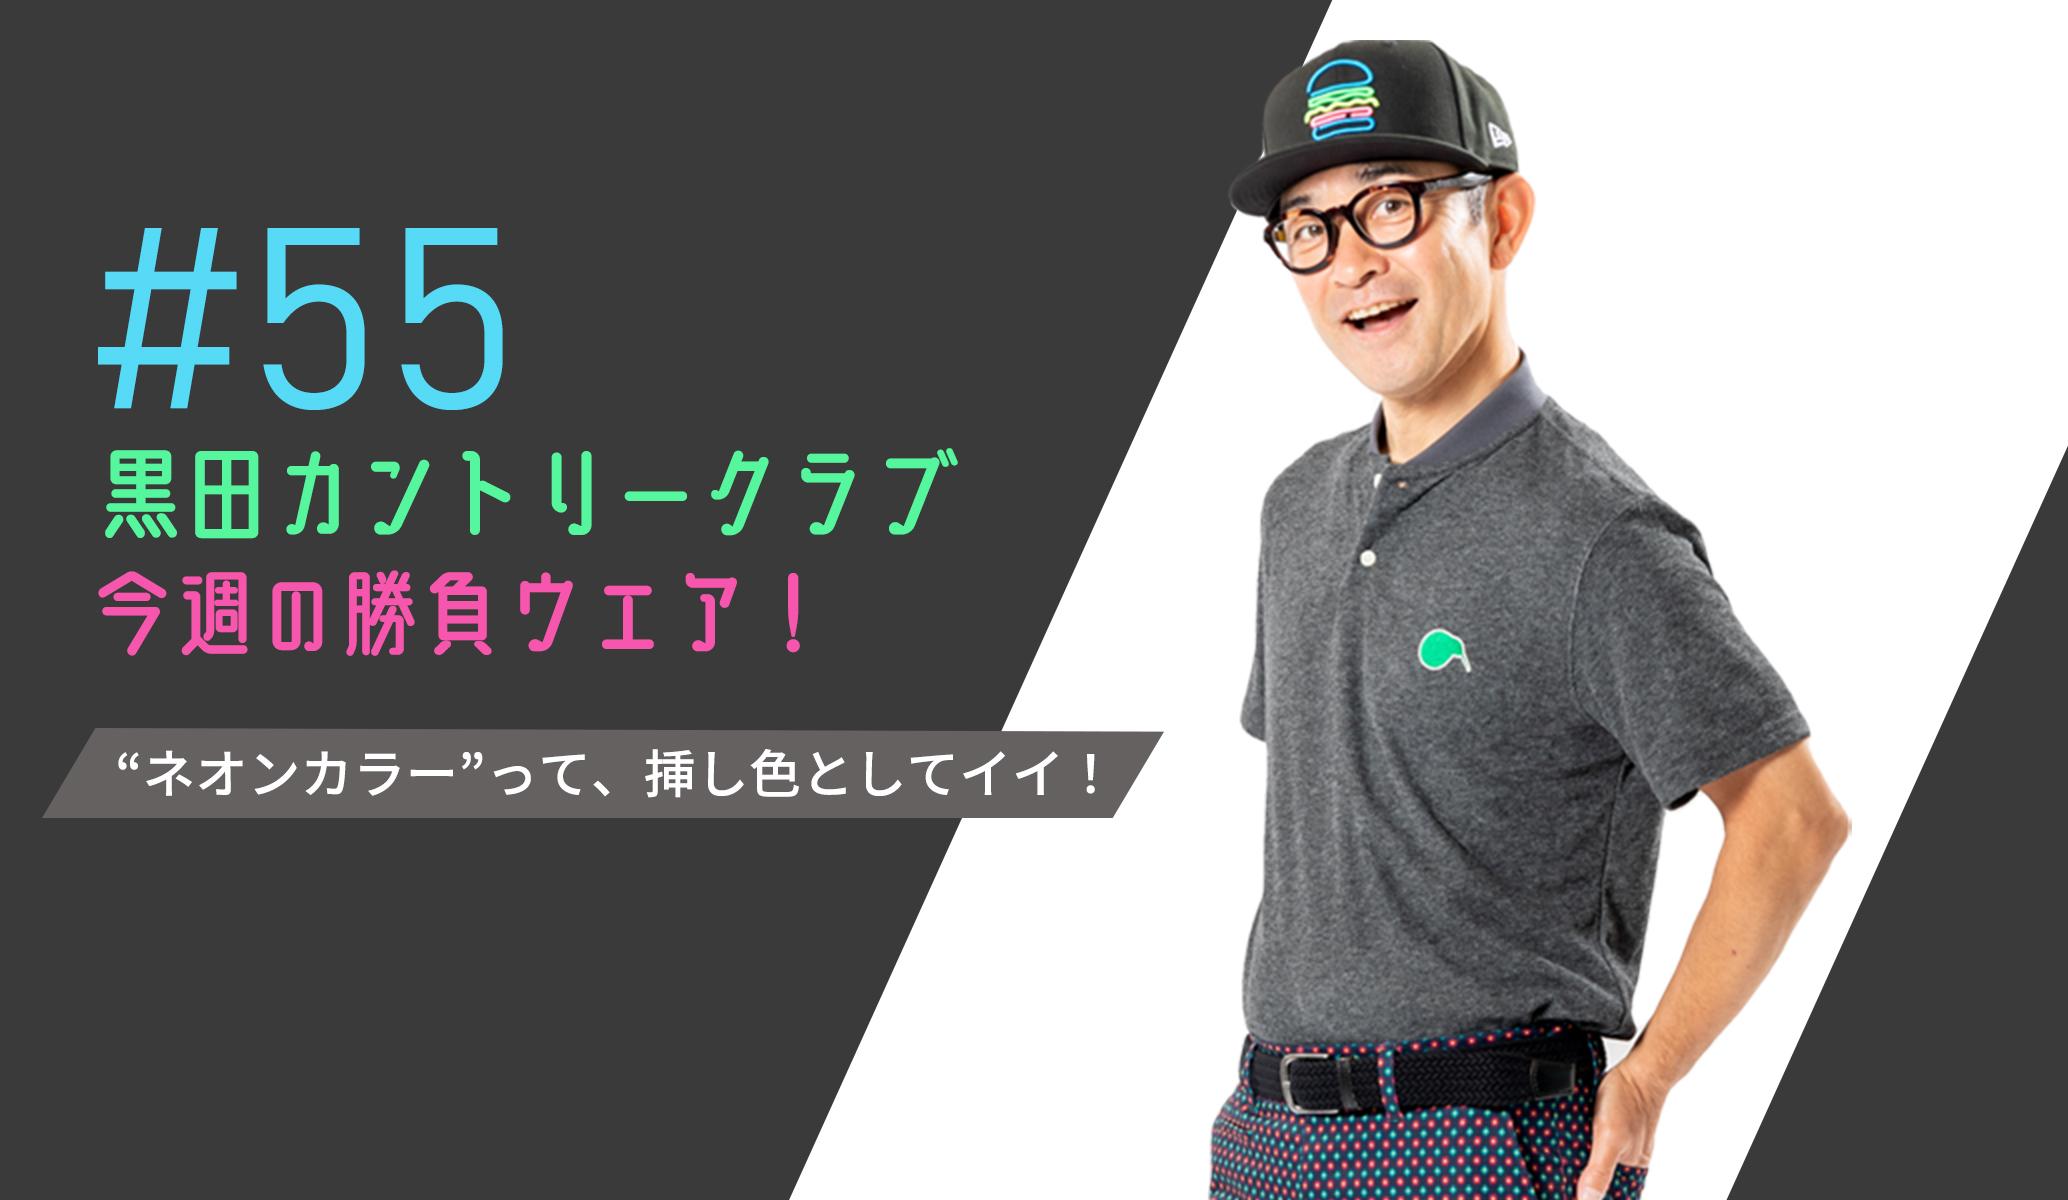 黒田カントリークラブ 今週のコーデ#055